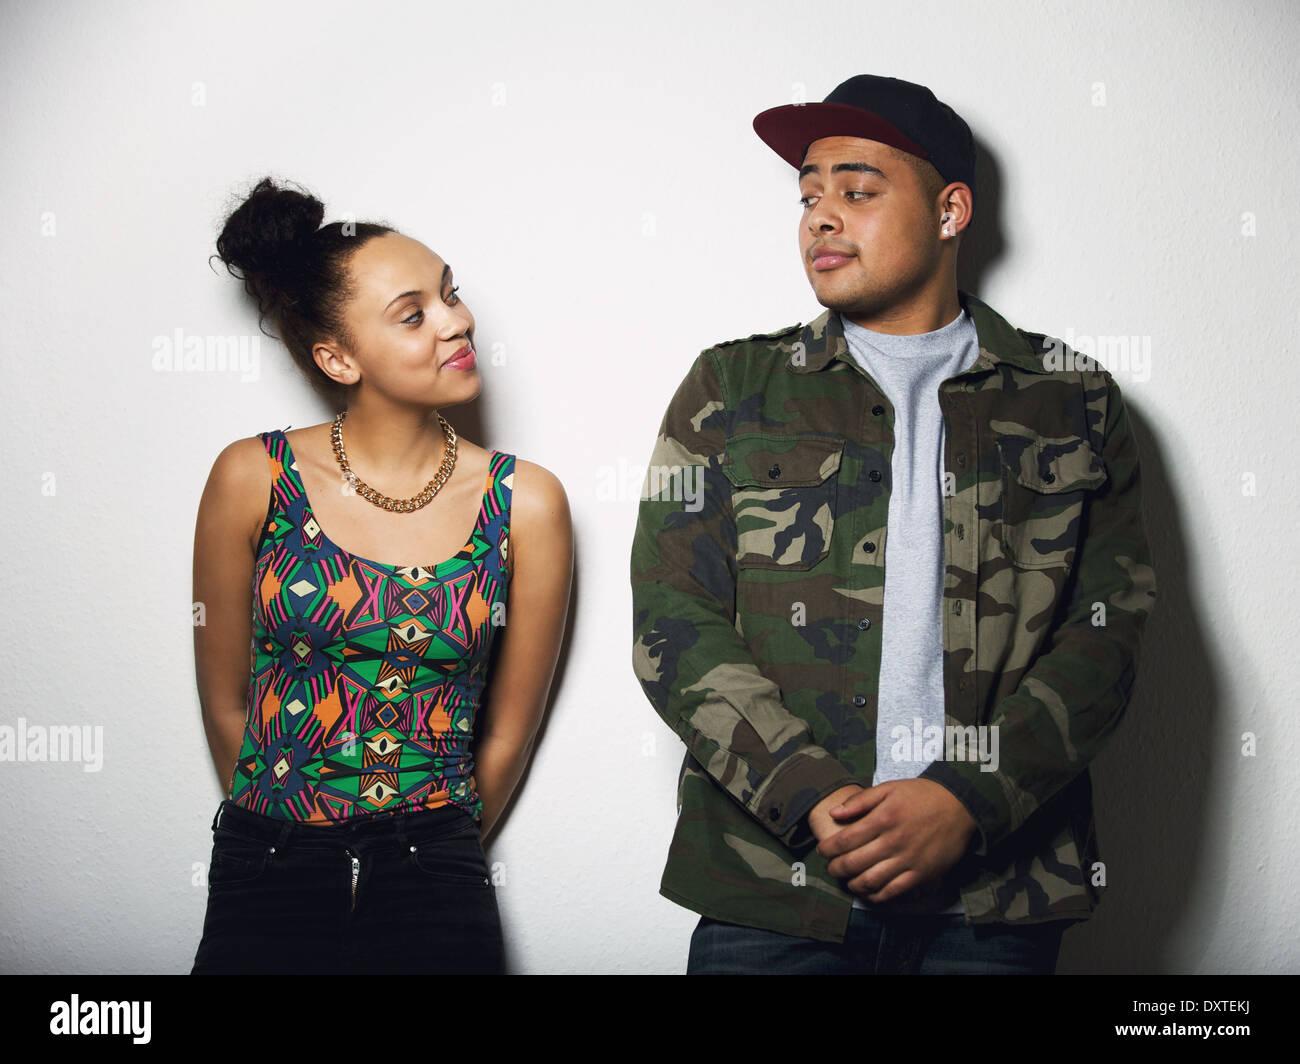 Joven Hombre y mujer mirando el uno al otro con la actitud. Pareja joven en ropa casual sobre fondo gris. Imagen De Stock